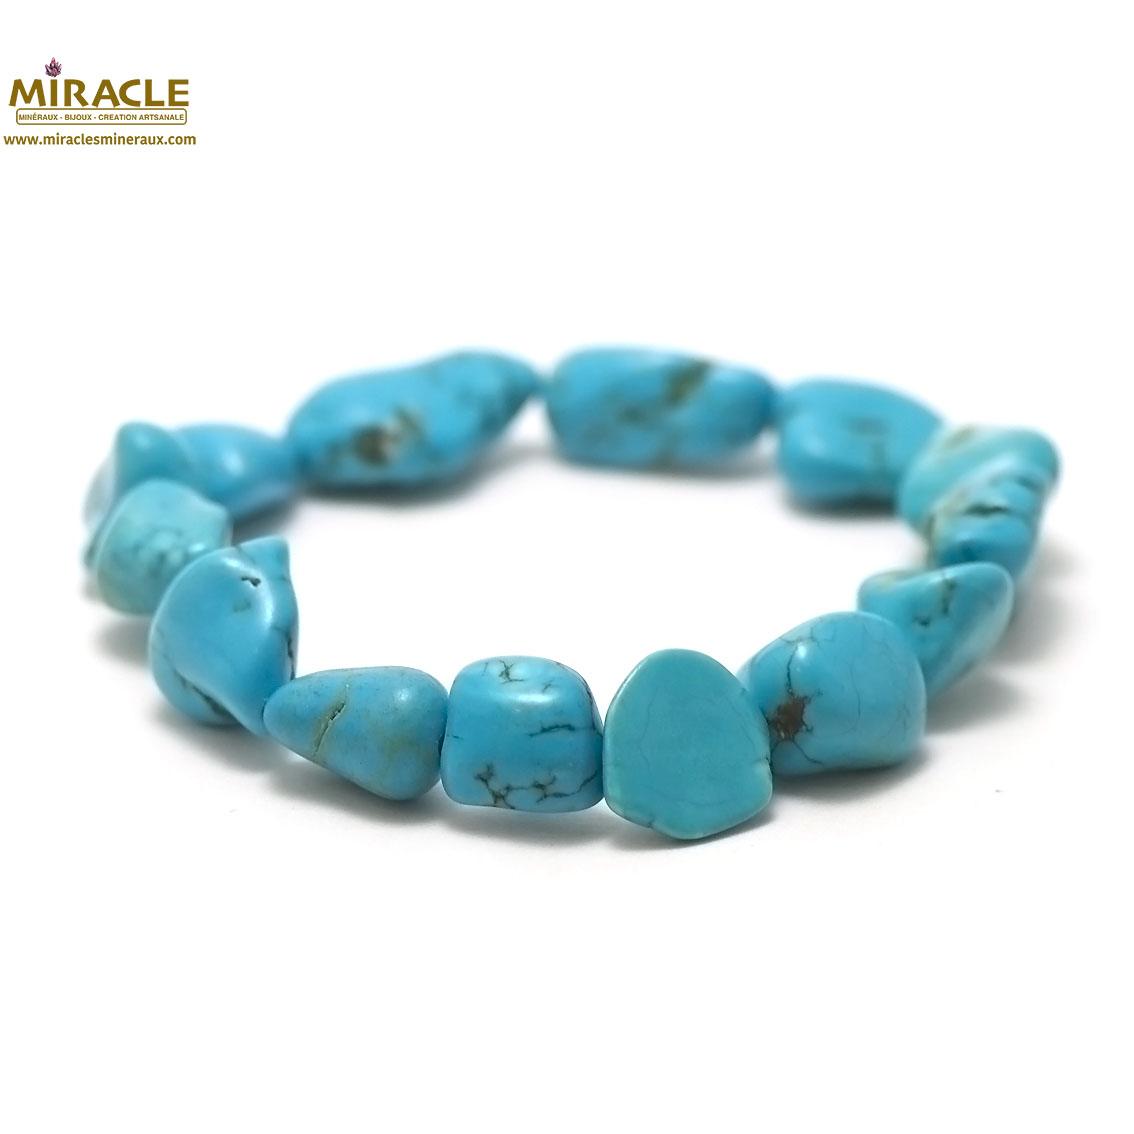 Bracelet en pierre naturelle turquoise diam : 5,5 cm neuf perles baroques